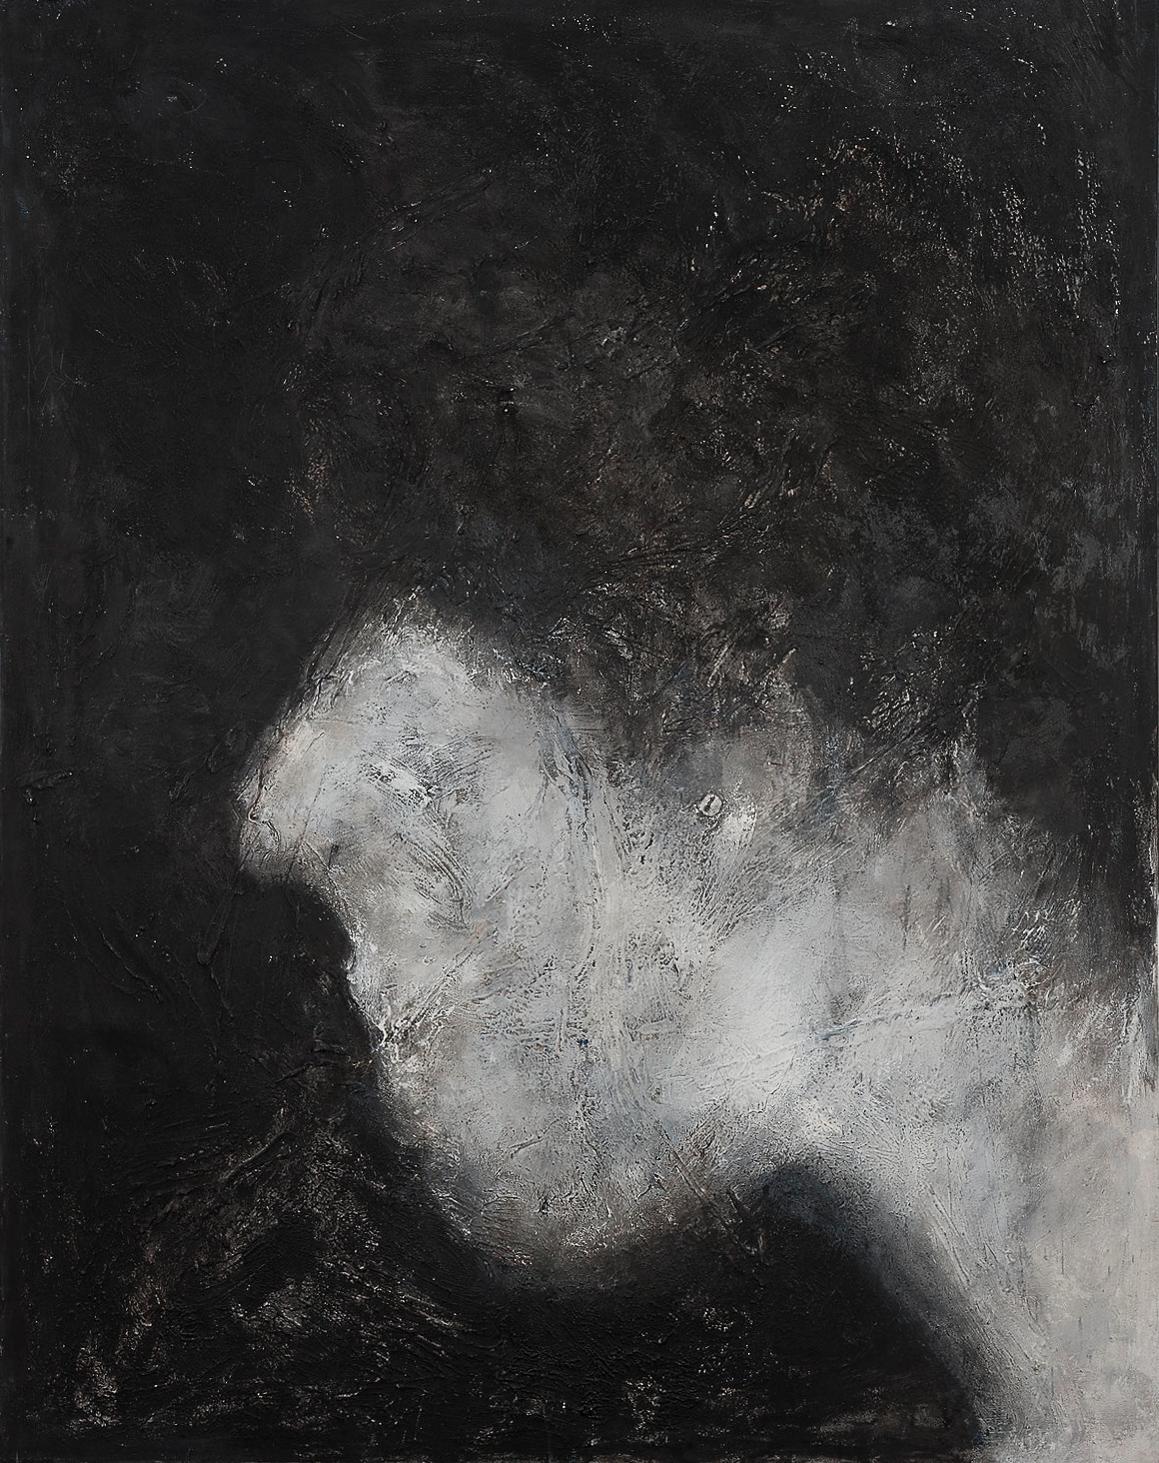 Die Gesichtslosen, 2000, Mischtechnik auf Leinwand, 180 x 140 cm